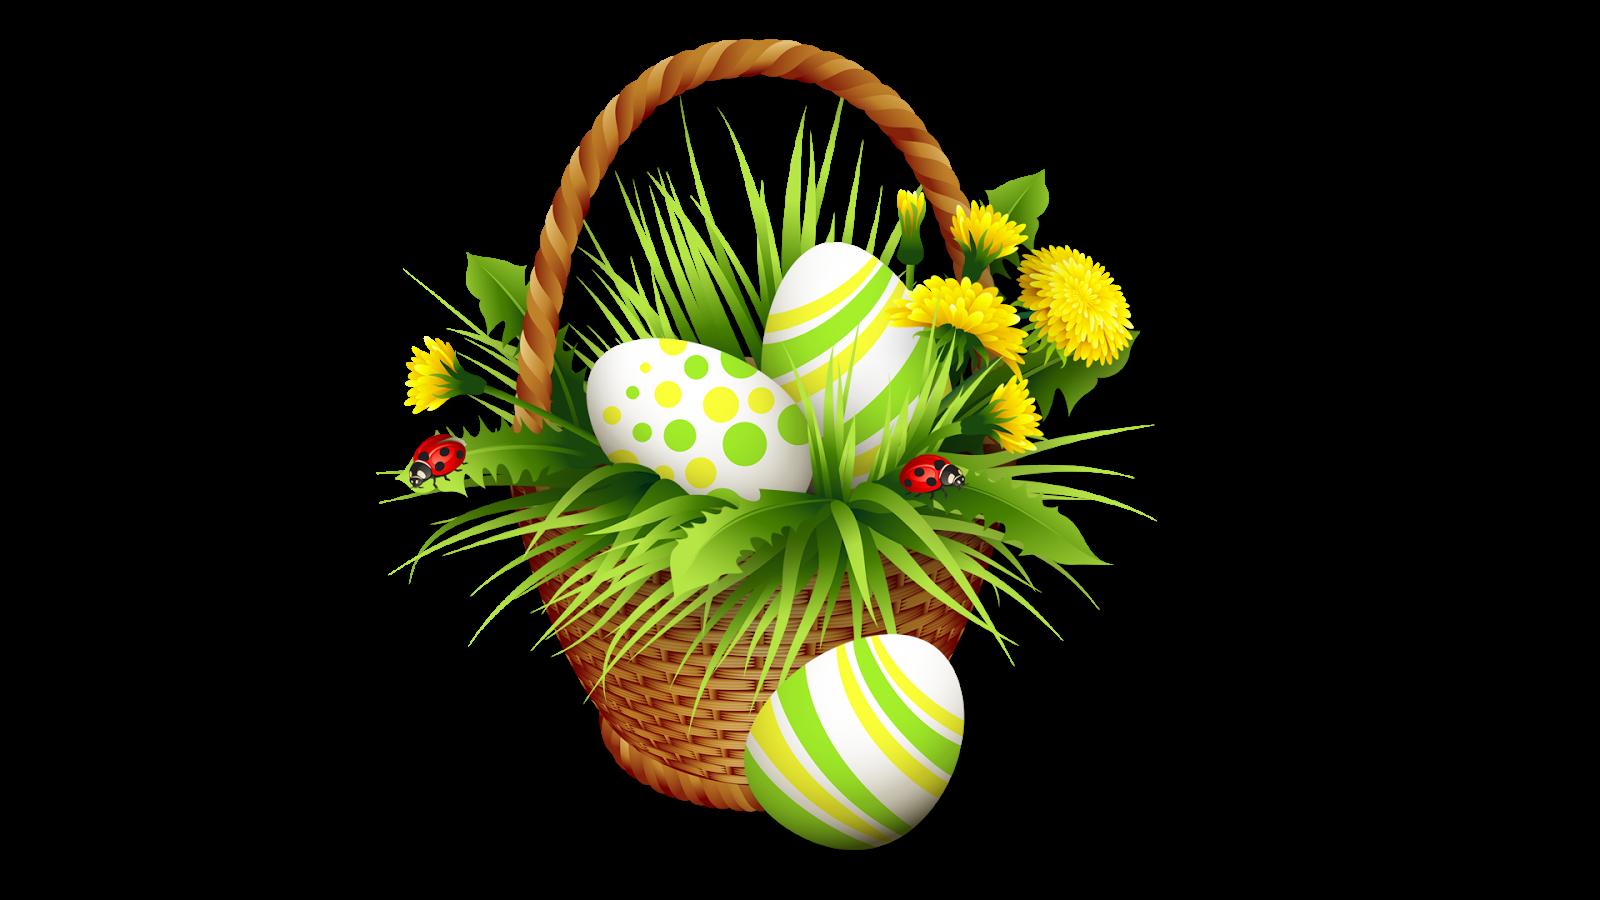 Download PNG image - Easter Basket Bunny Png Clipart - Easter Basket Bunny PNG